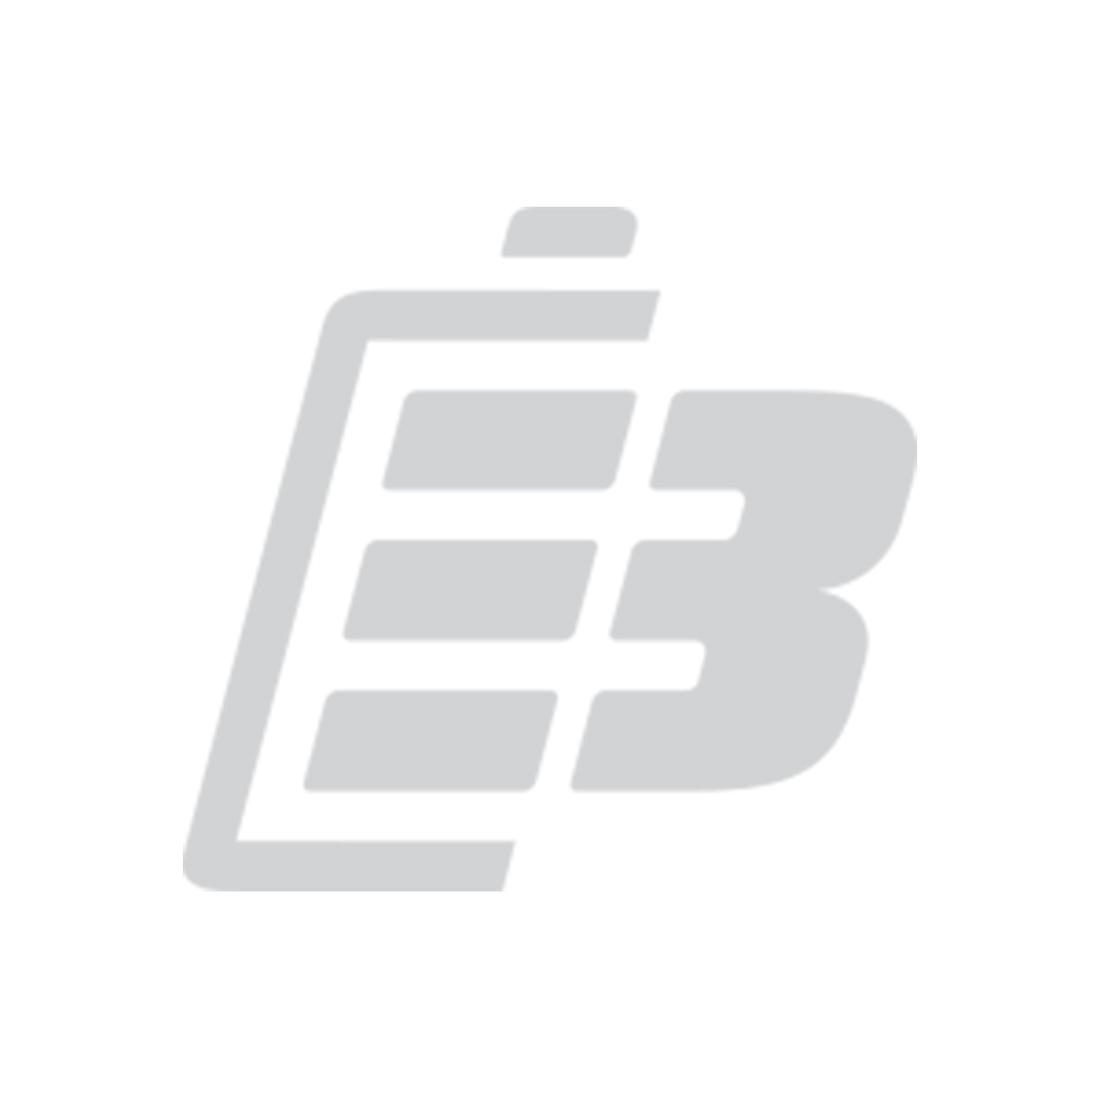 Μπαταρία ηλεκτρικού εργαλείου Black & Decker 14.4V 2.0Ah Li_1